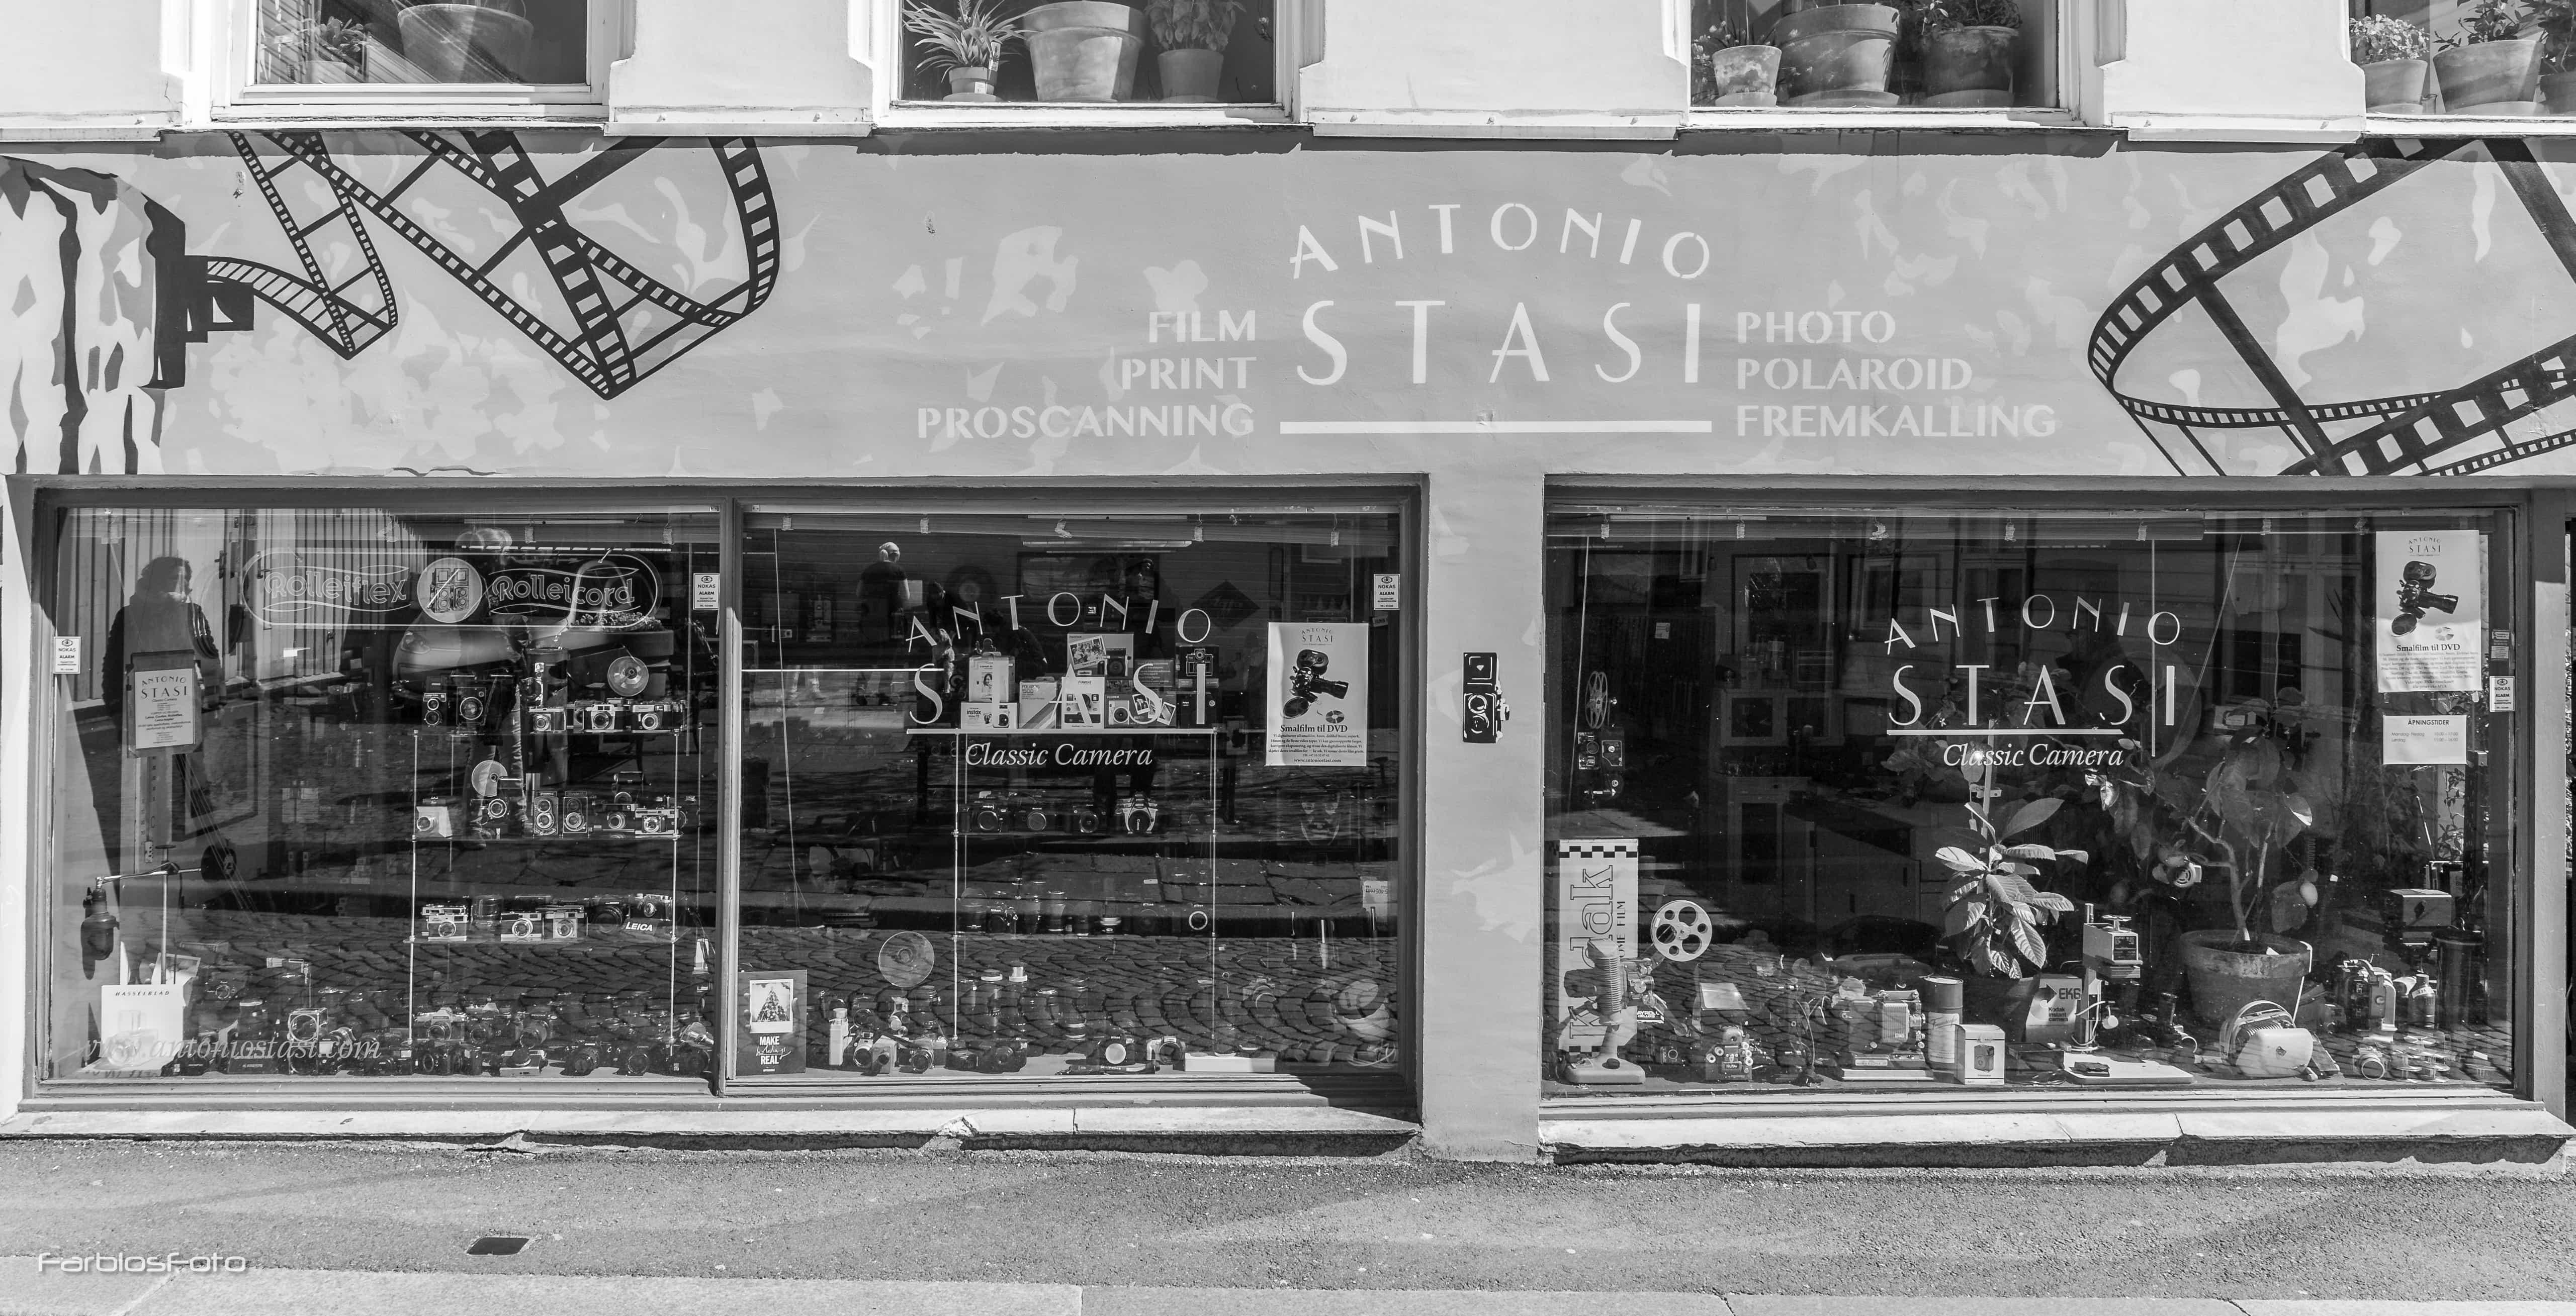 Antonio Stasi Classic Camera